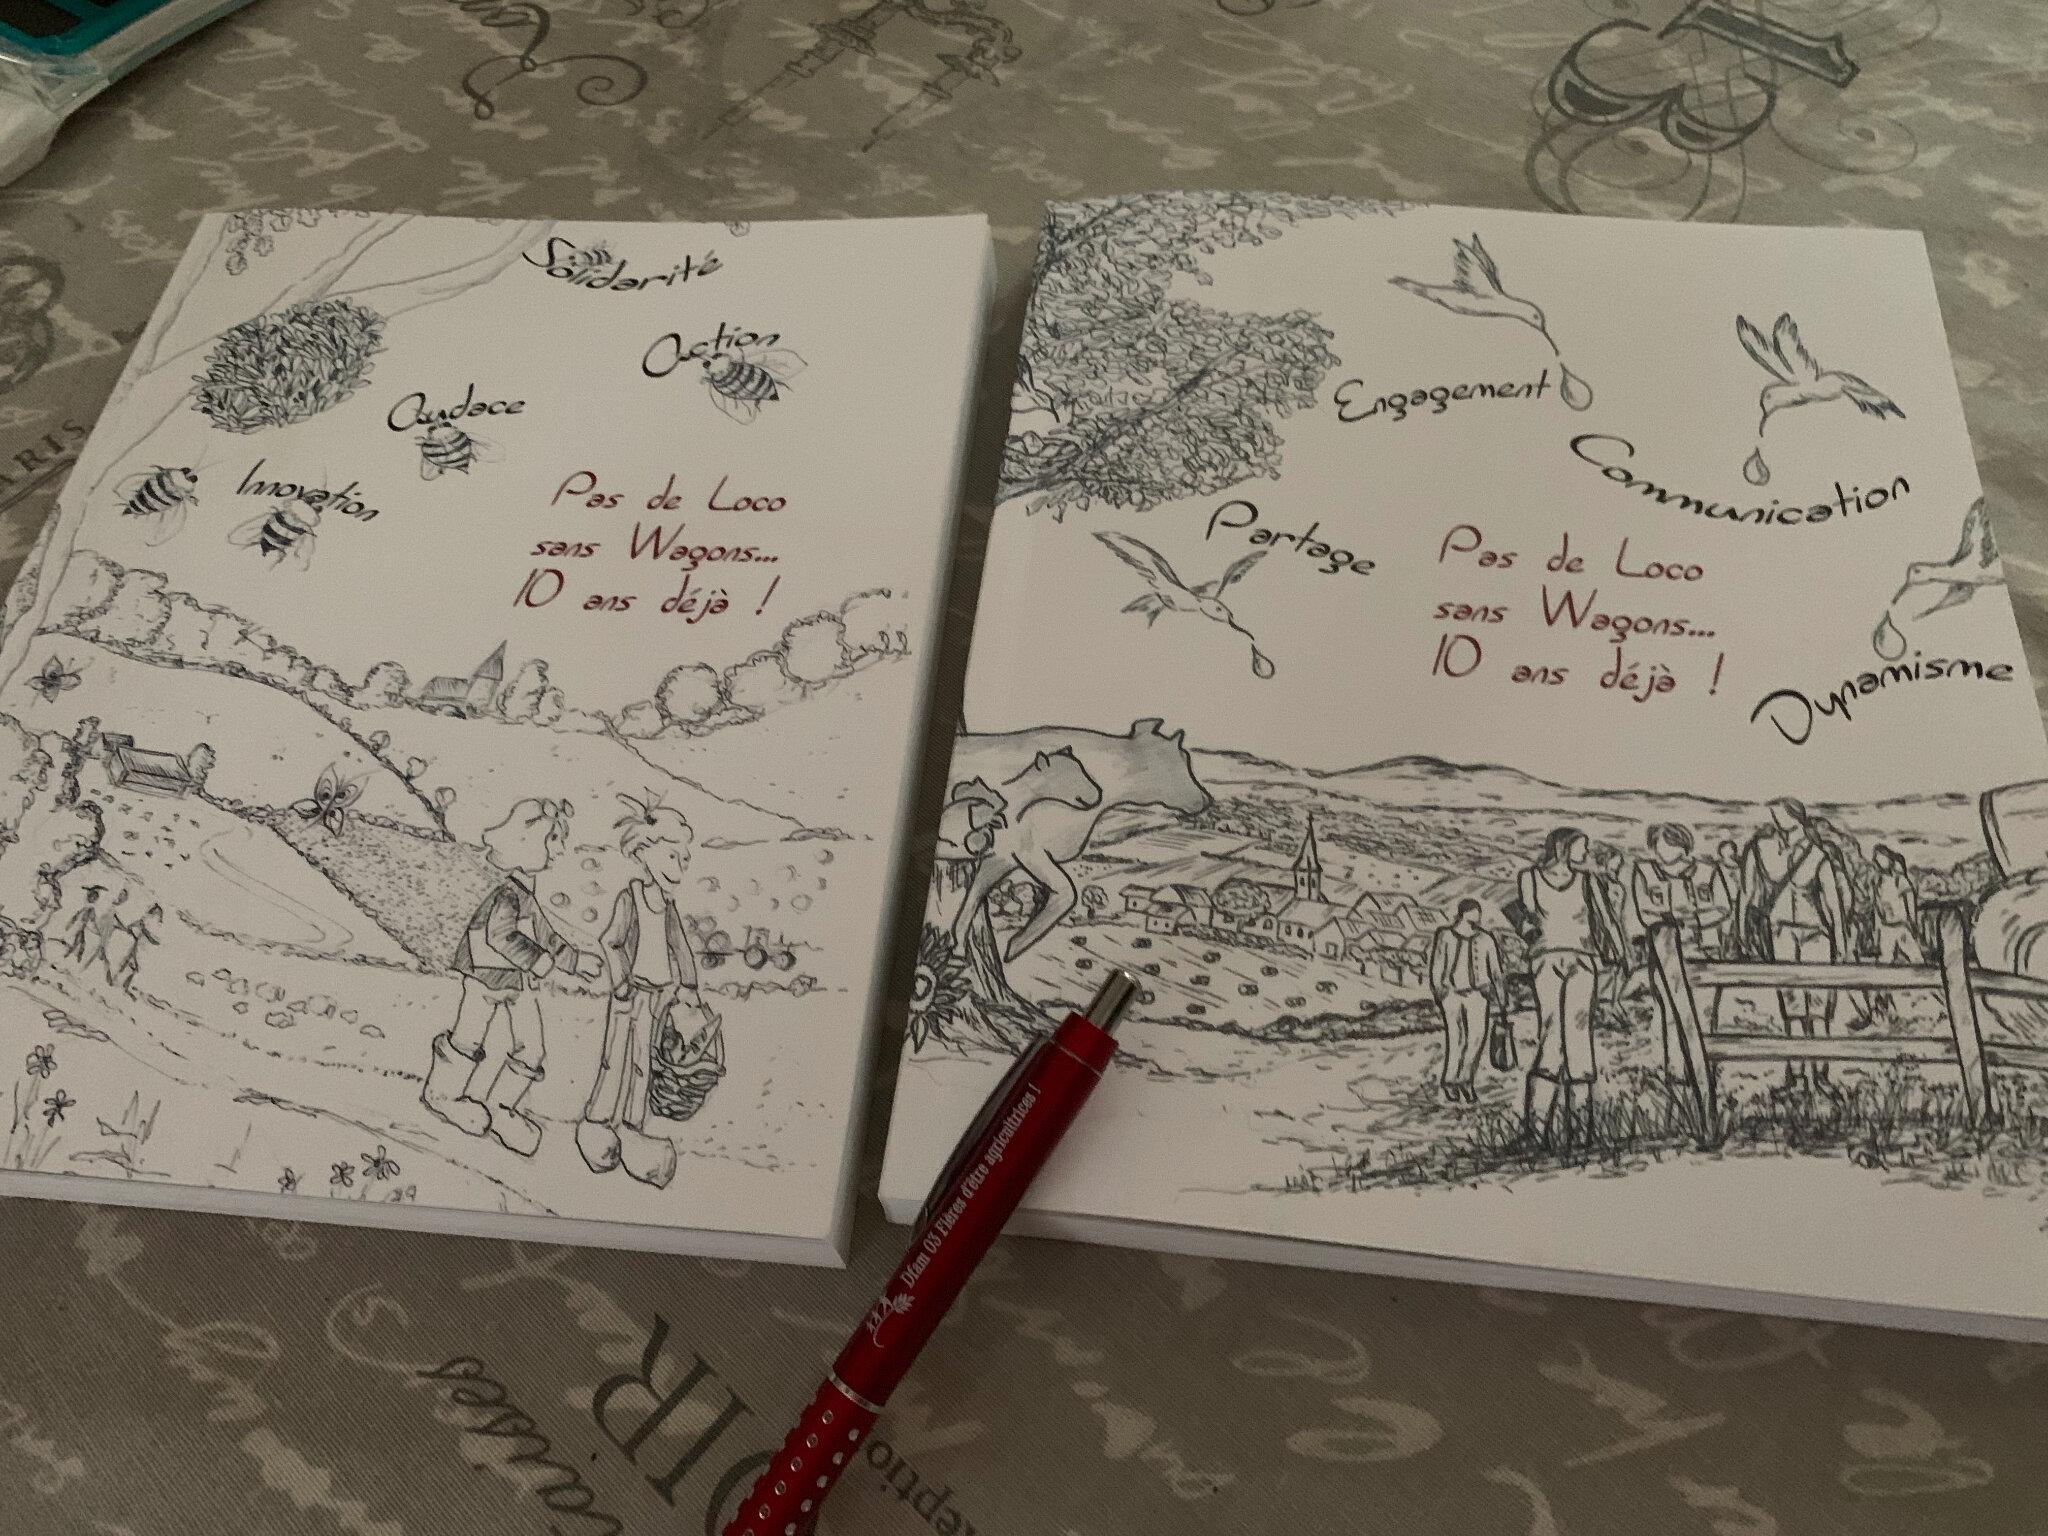 """Pour commander nos ouvrages : """"Je suis agricultrice aujourd'hui"""" """"De Mal de Terre à Cap Mieux-être"""" """"Pas de Loco sans Wagons"""""""